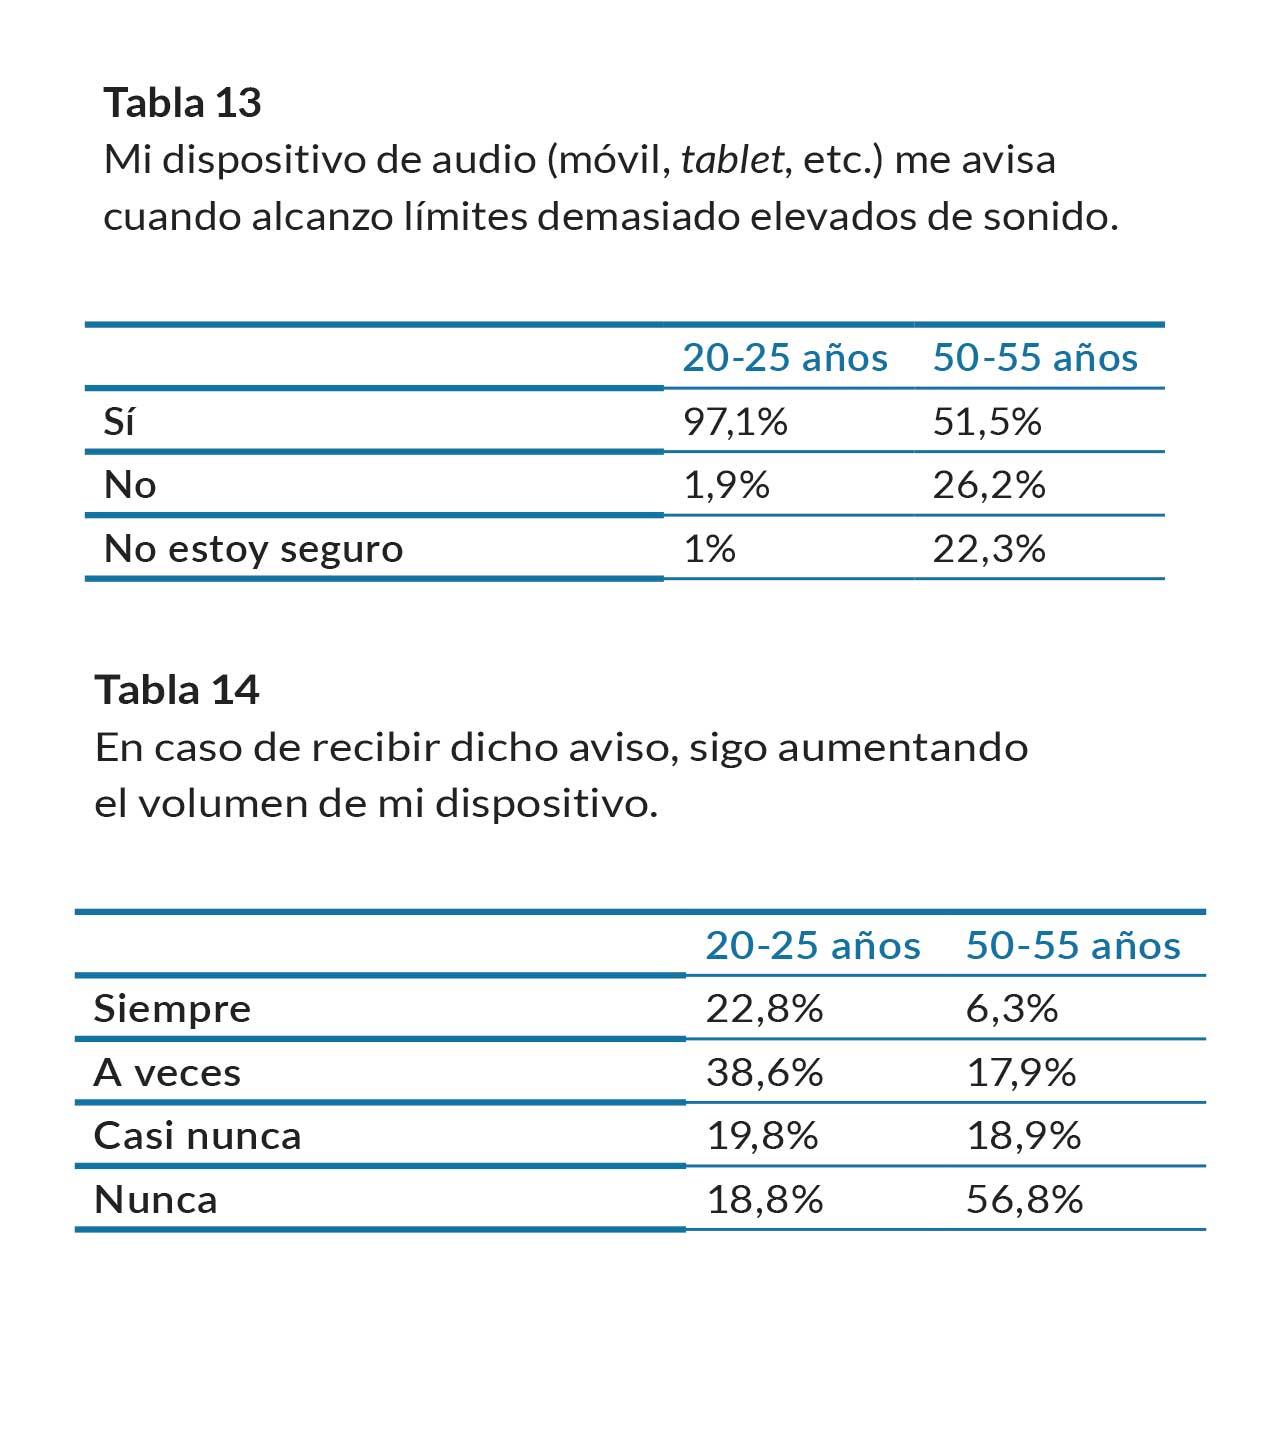 tablas-13-14